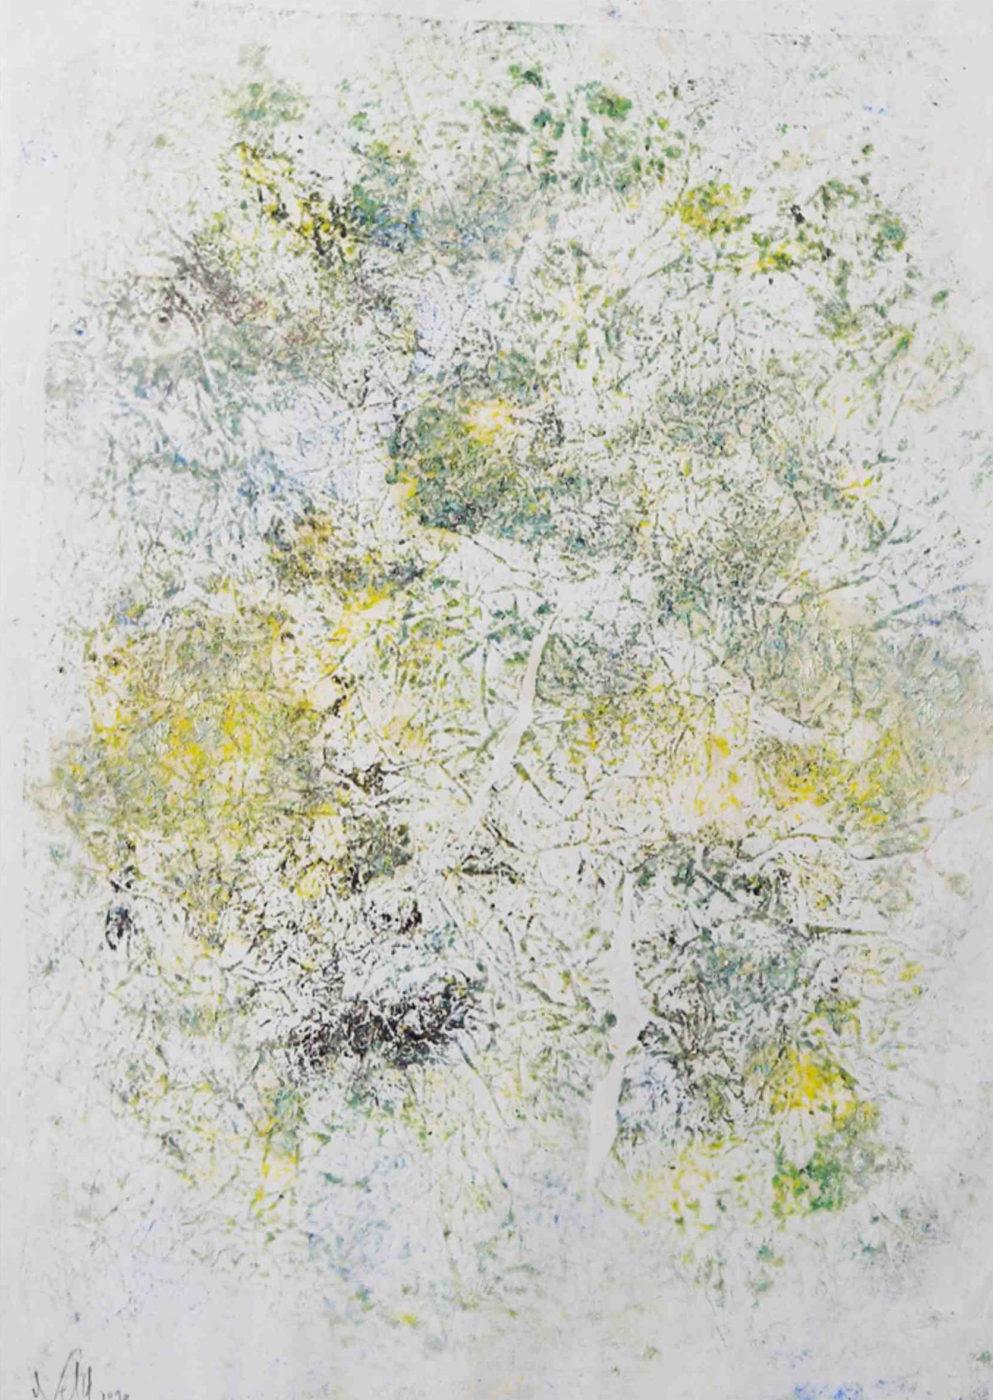 MARC FELD 2010 CARTOMANCIE 1 Huile et pigment sur papier 44 x 63 cm